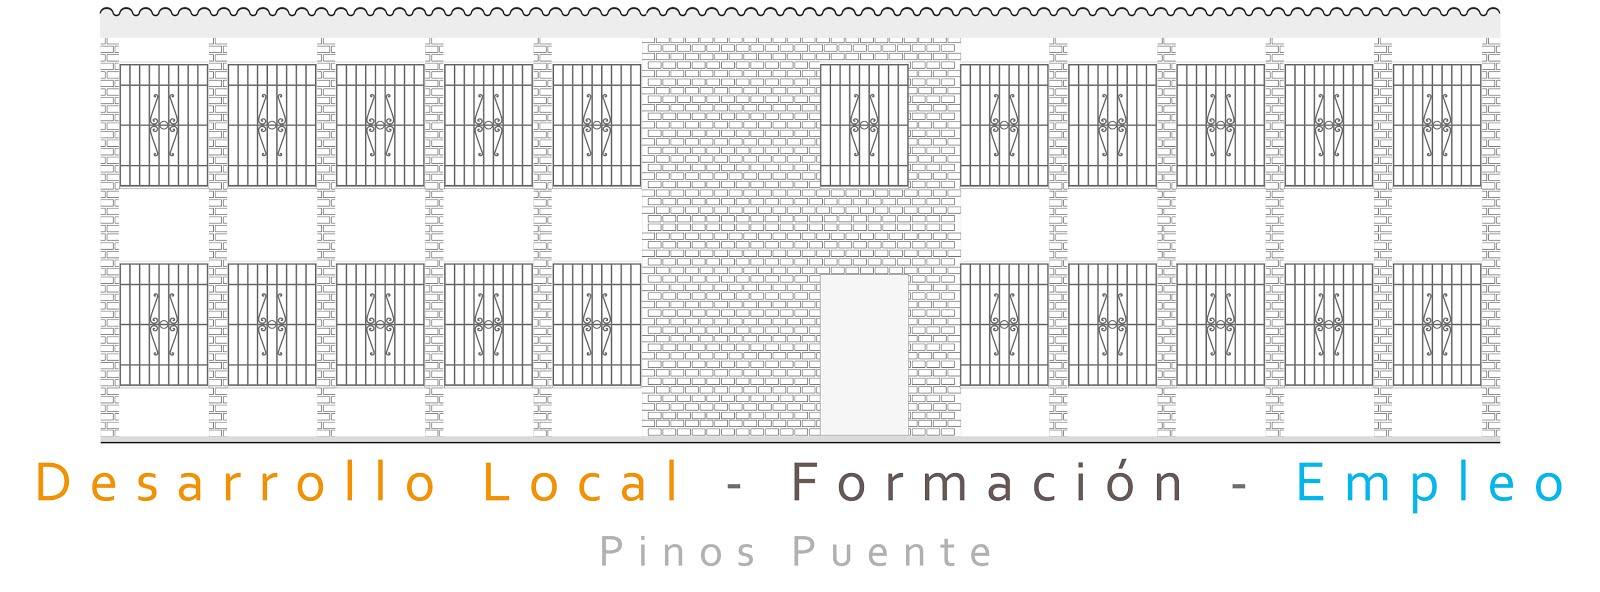 Desarrollo local - Formación - Empleo